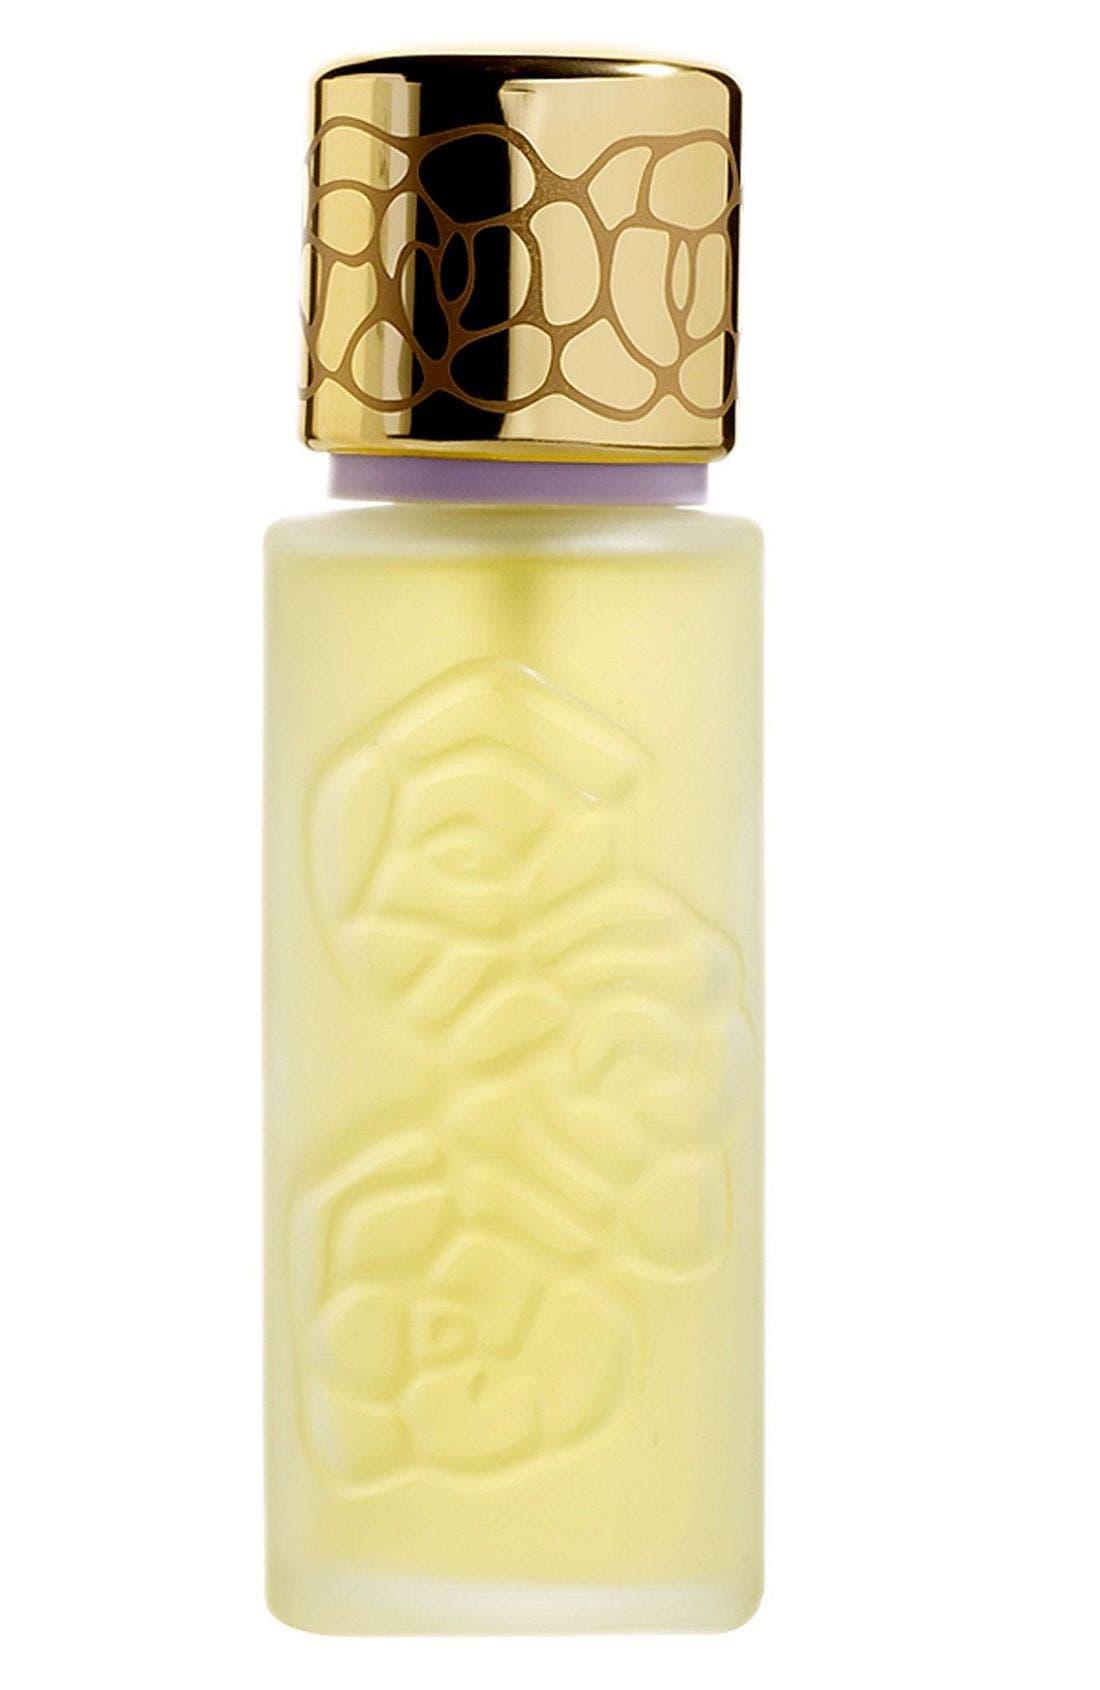 Houbigant Paris Quelques Fleurs L'Original Vaporisateur Eau de Parfum